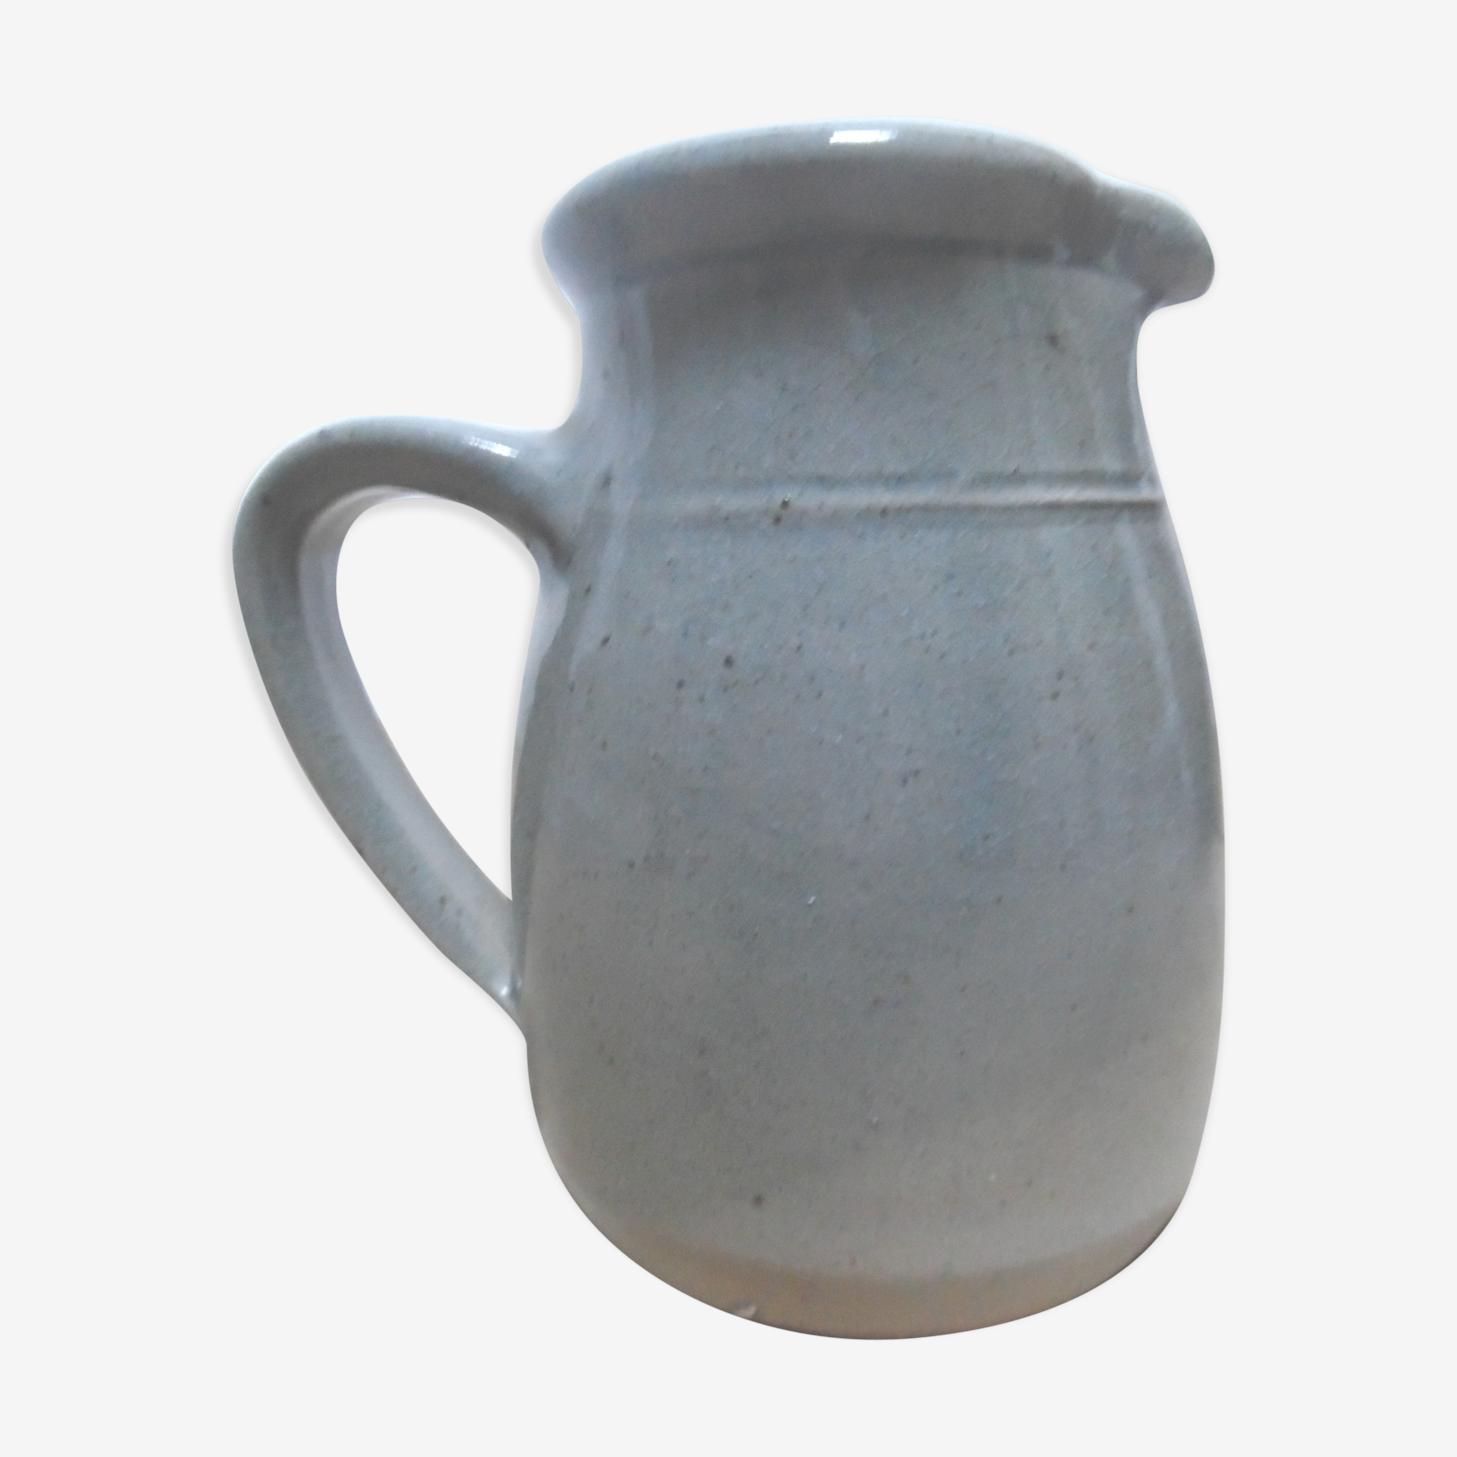 Glazed stoneware pitcher